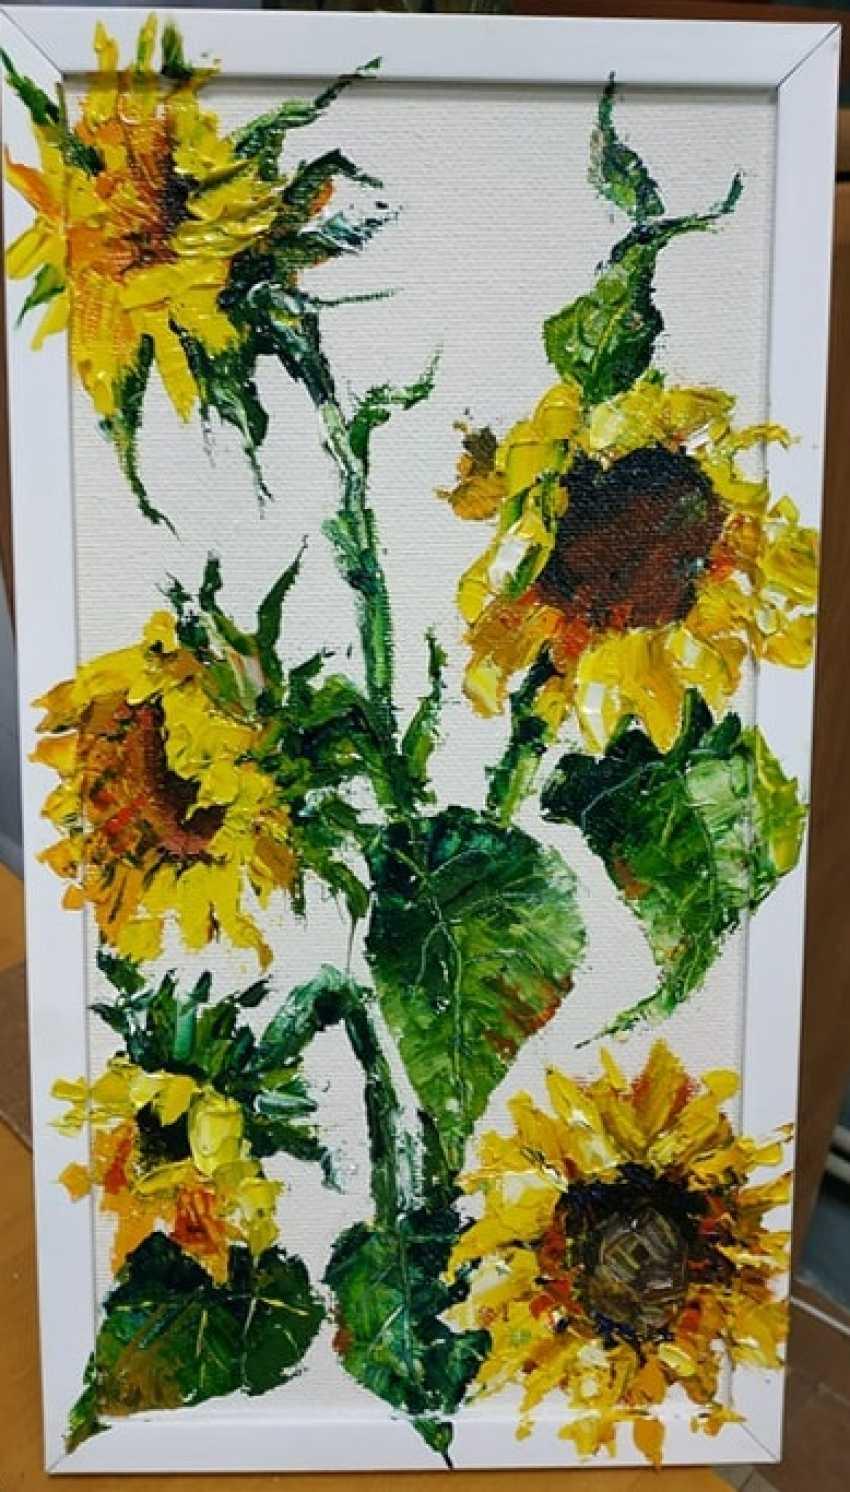 alla mykhalchuk. Sunflowers - photo 1